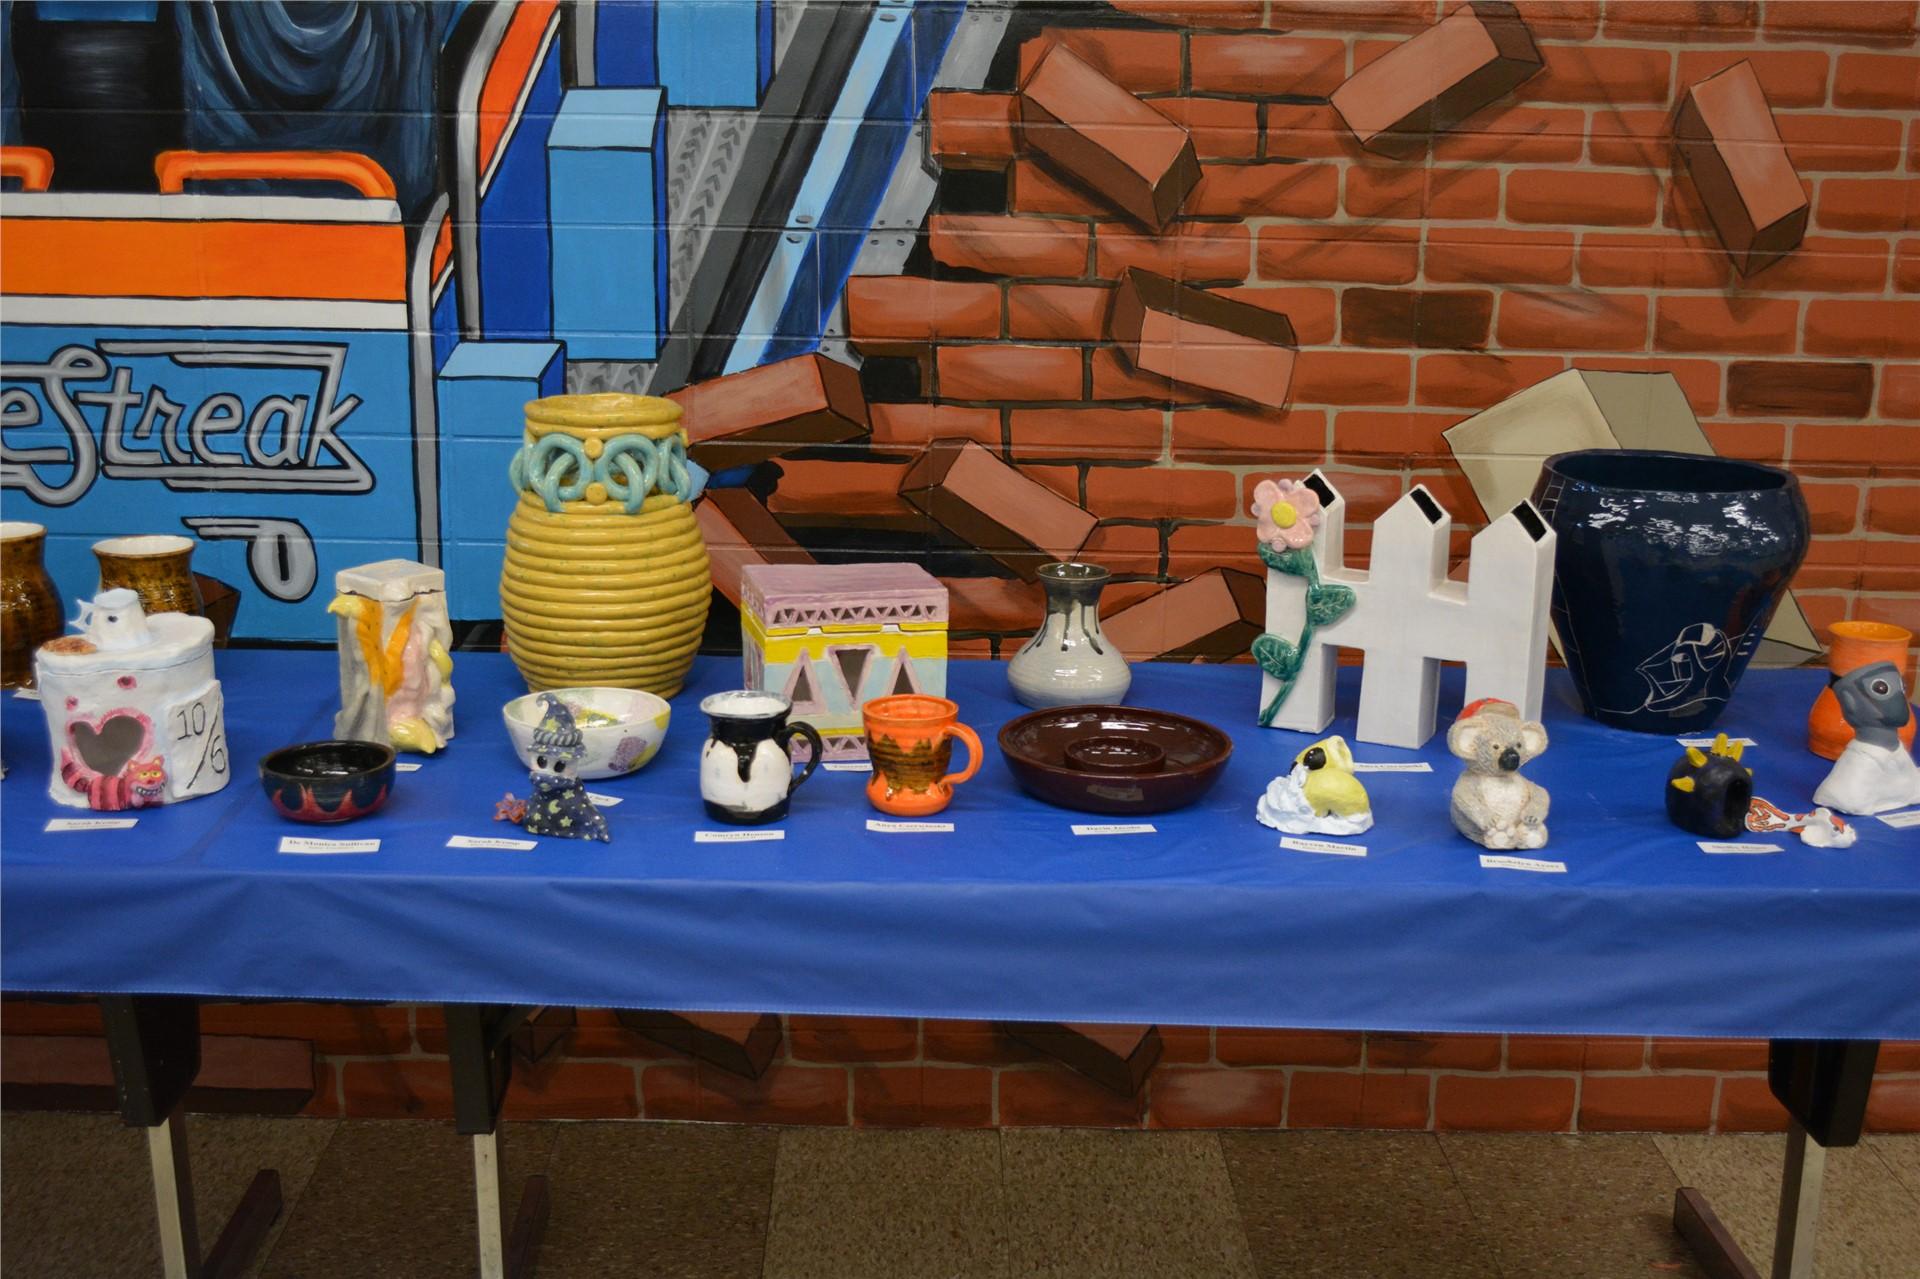 Photo of ceramic pieces